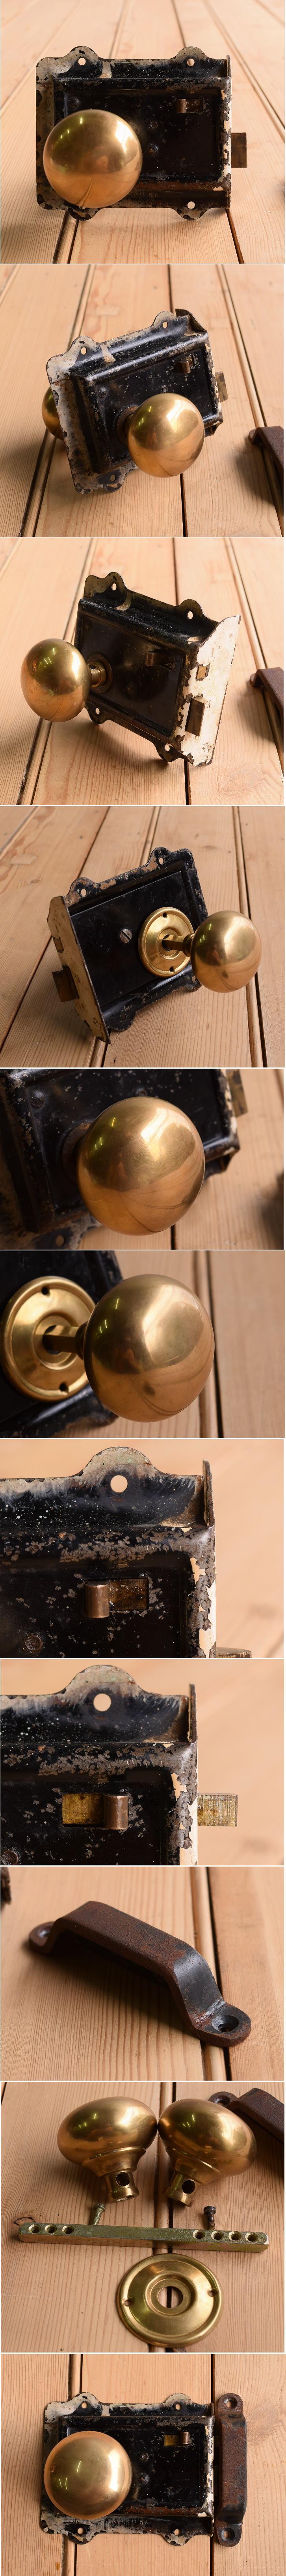 イギリス アンティーク ラッチ&ドアノブ 建具金物 10360